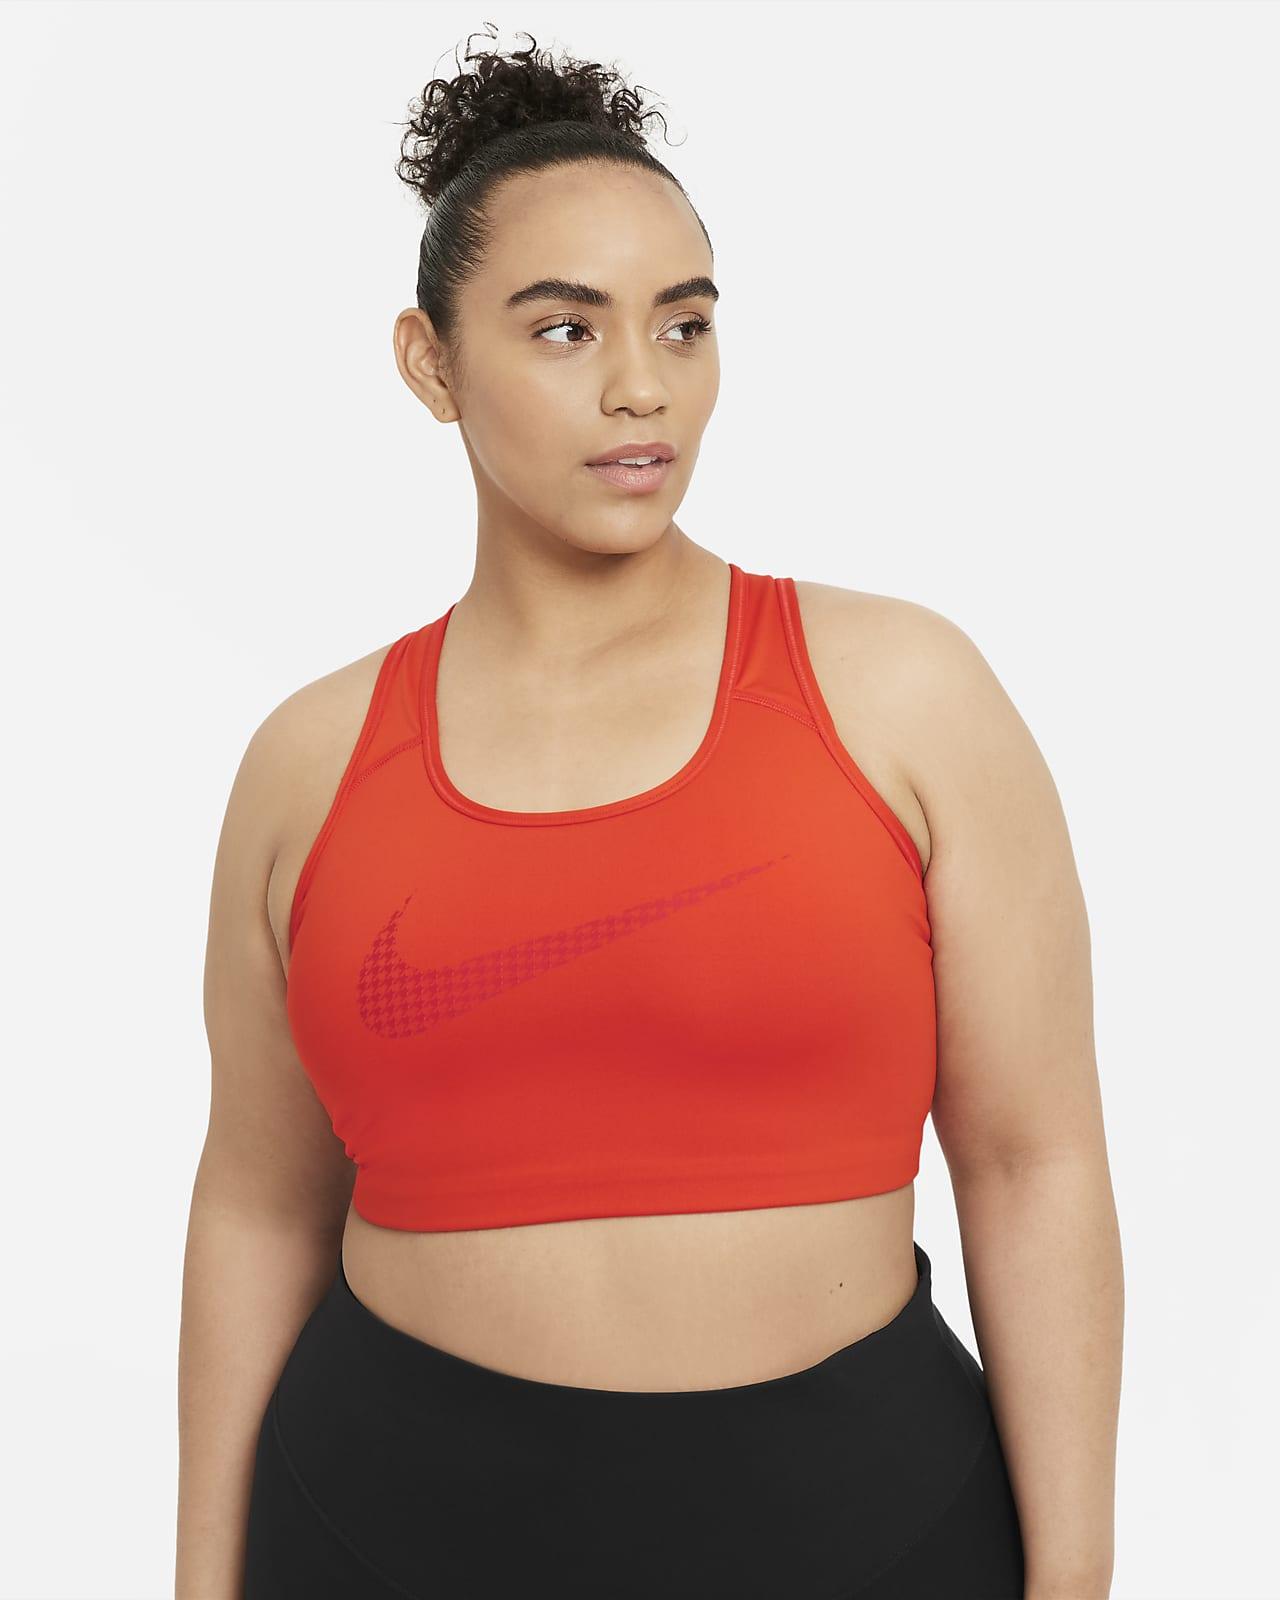 Nike Dri-FIT Swoosh Icon Clash Orta Destekli Dolgusuz Kadın Spor Sütyeni (Büyük Beden)